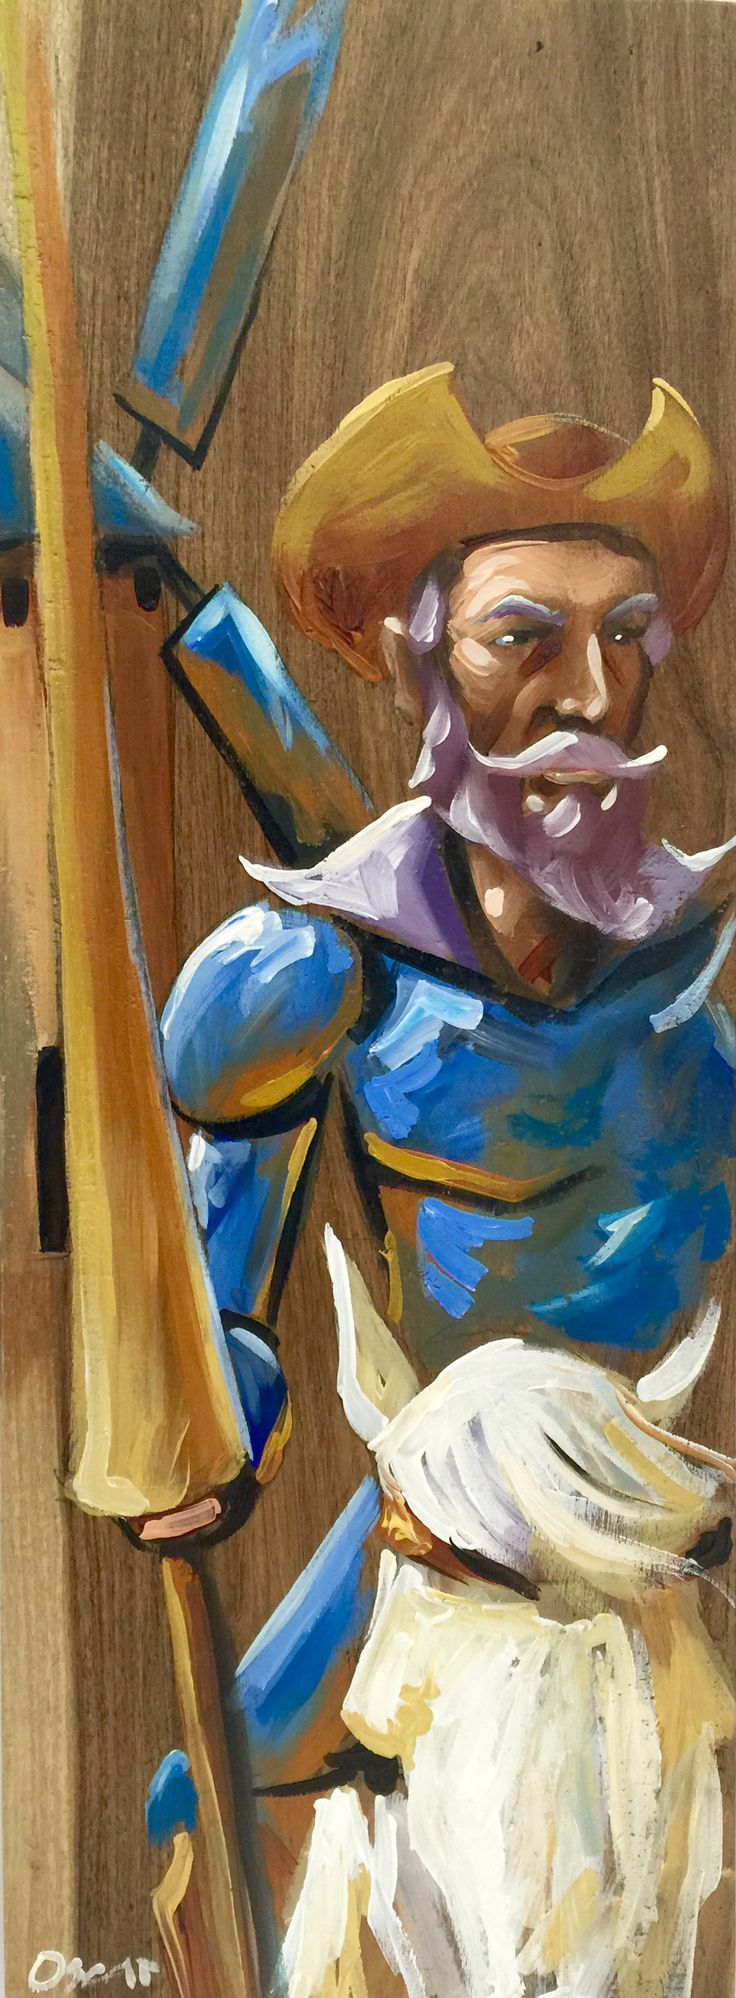 Don Quijote sobre madera